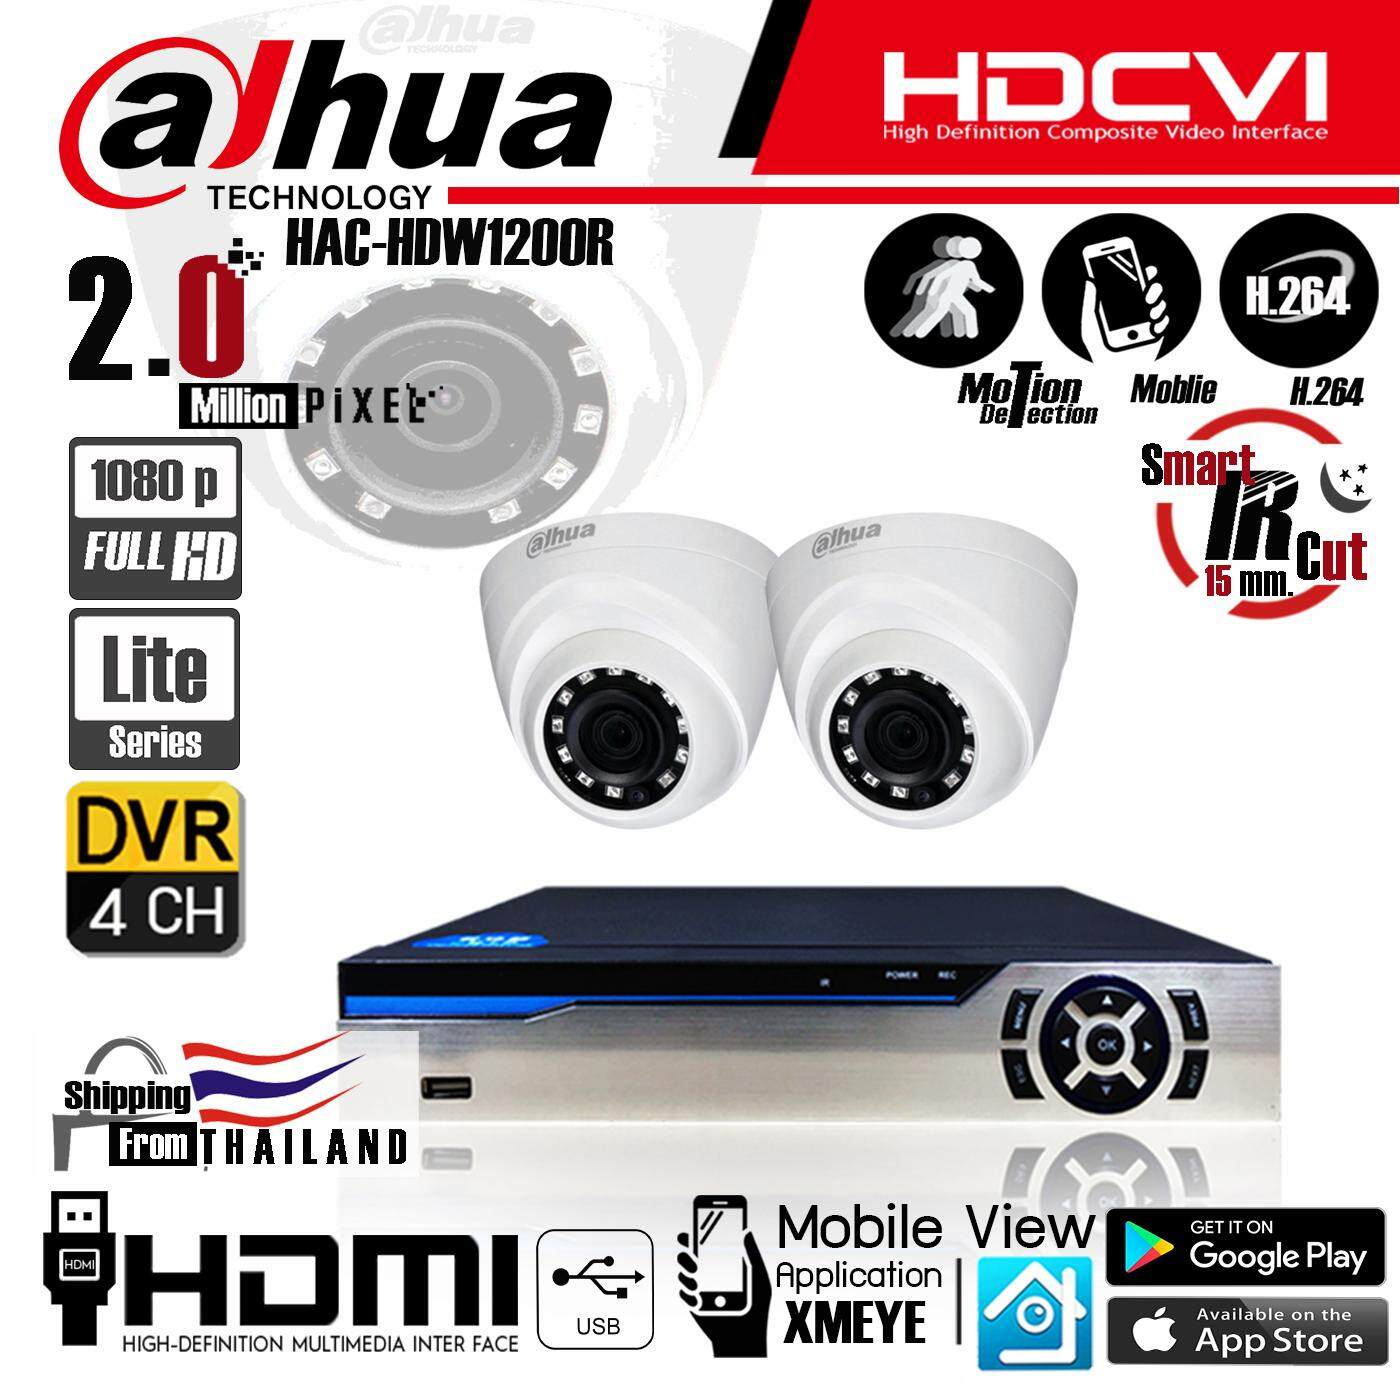 ใครเคยใช้ ชุดกล้องวงจรปิด CCTV Dahua 2.0mp Full HD 1080P ทรงโดมรุ่น HAC-HDW1200R 2 ตัว พร้อมเครื่องบันทึก Dius ( DTR-AFS1080B04BN ) 4 Channel Full HD 1080P / Day & Night / Waterproof ทนทานคุ้มค่า